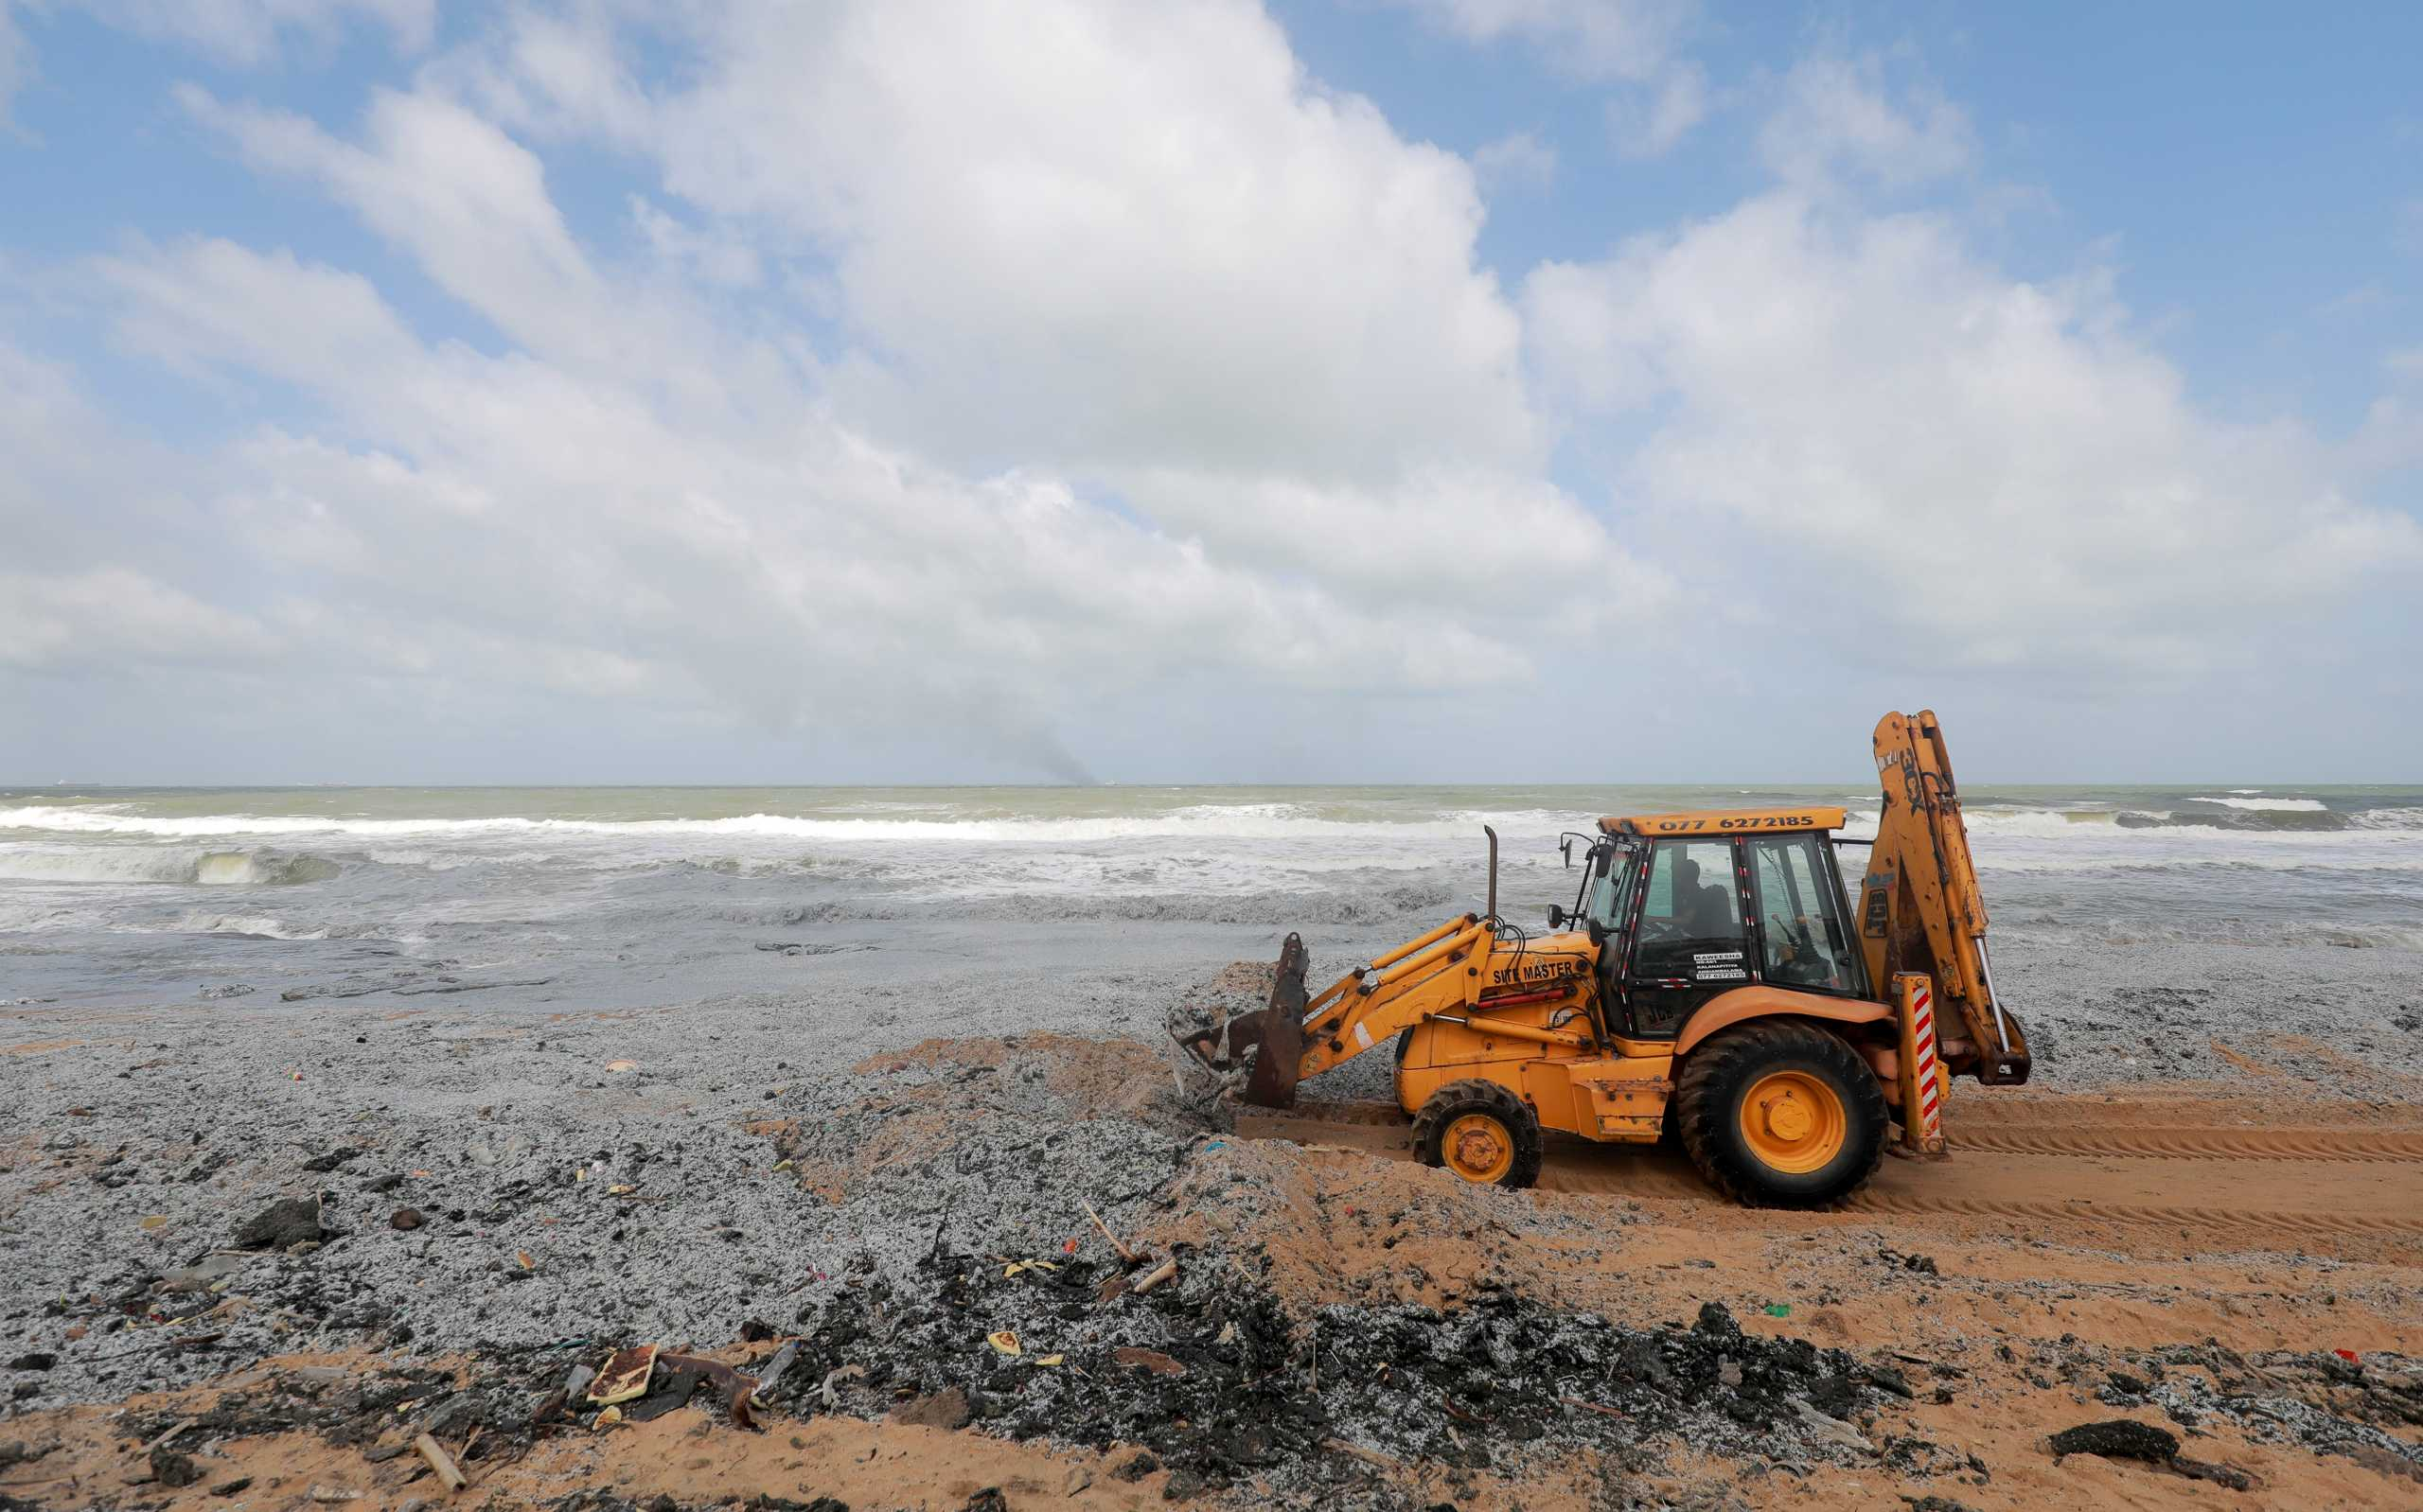 Σρι Λάνκα: Εκατομμύρια τόνοι πλαστικού απειλούν να γεμίσουν τις παραλίες της (pics)